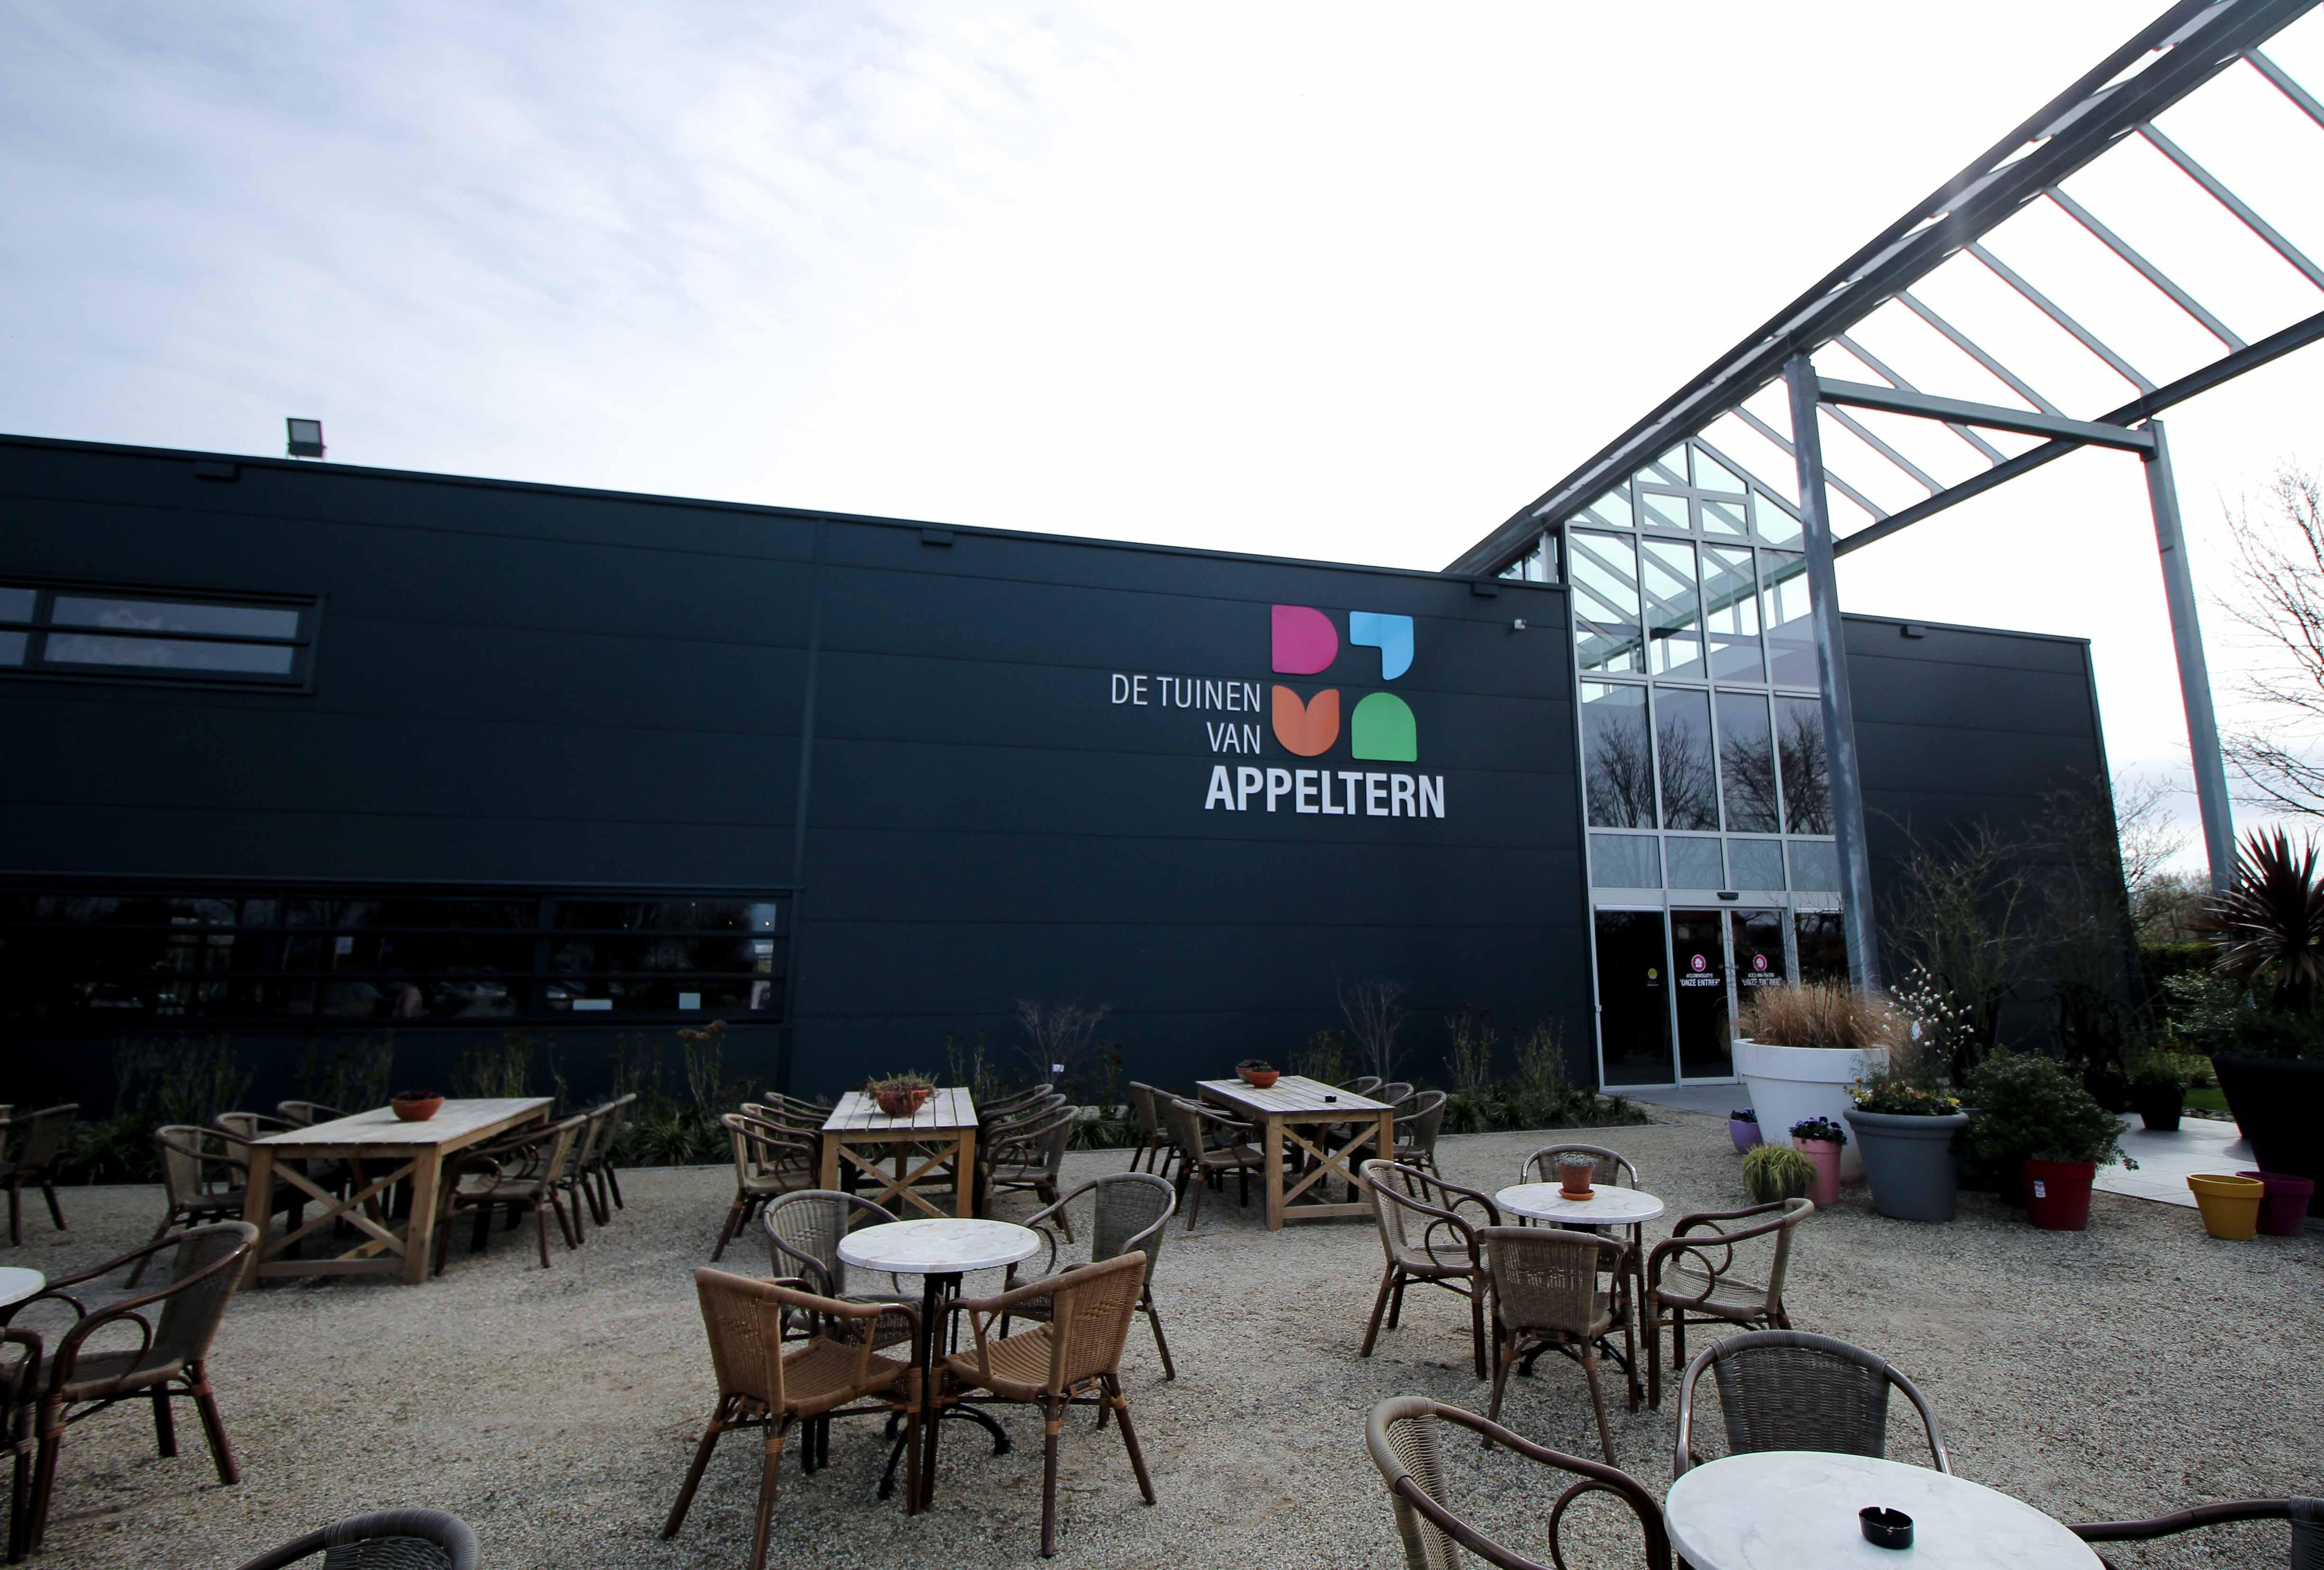 die Gärten von Appeltern Holland Wochenendtrip Tuinen van Appeltern das andere Holland Reiseblog Ausflug Deutschland